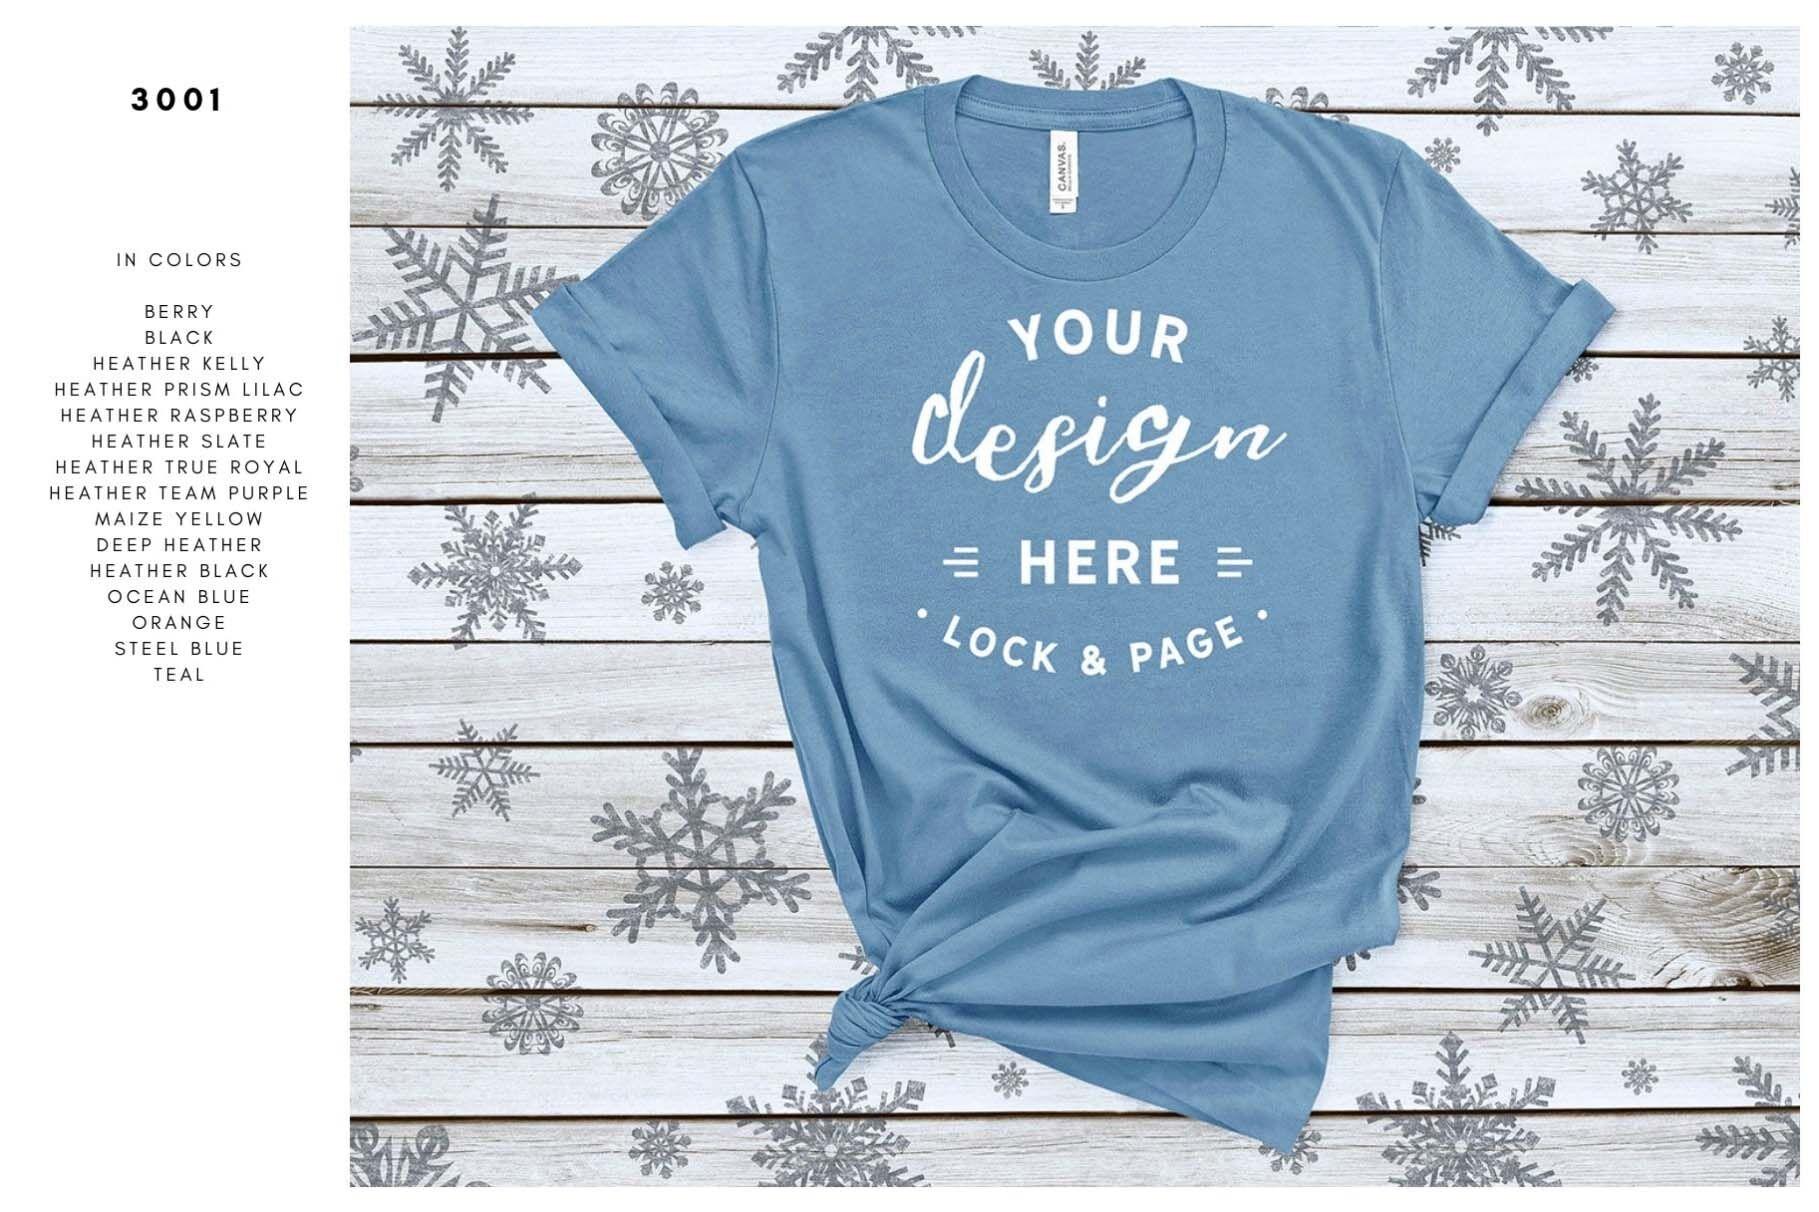 Model Mockup Pajama Shirt Mockup Bella Canvas Heather Mauve Shirt Pajama Mockup Bella Canvas 3001 Mockup Bedroom Shirt Mockup